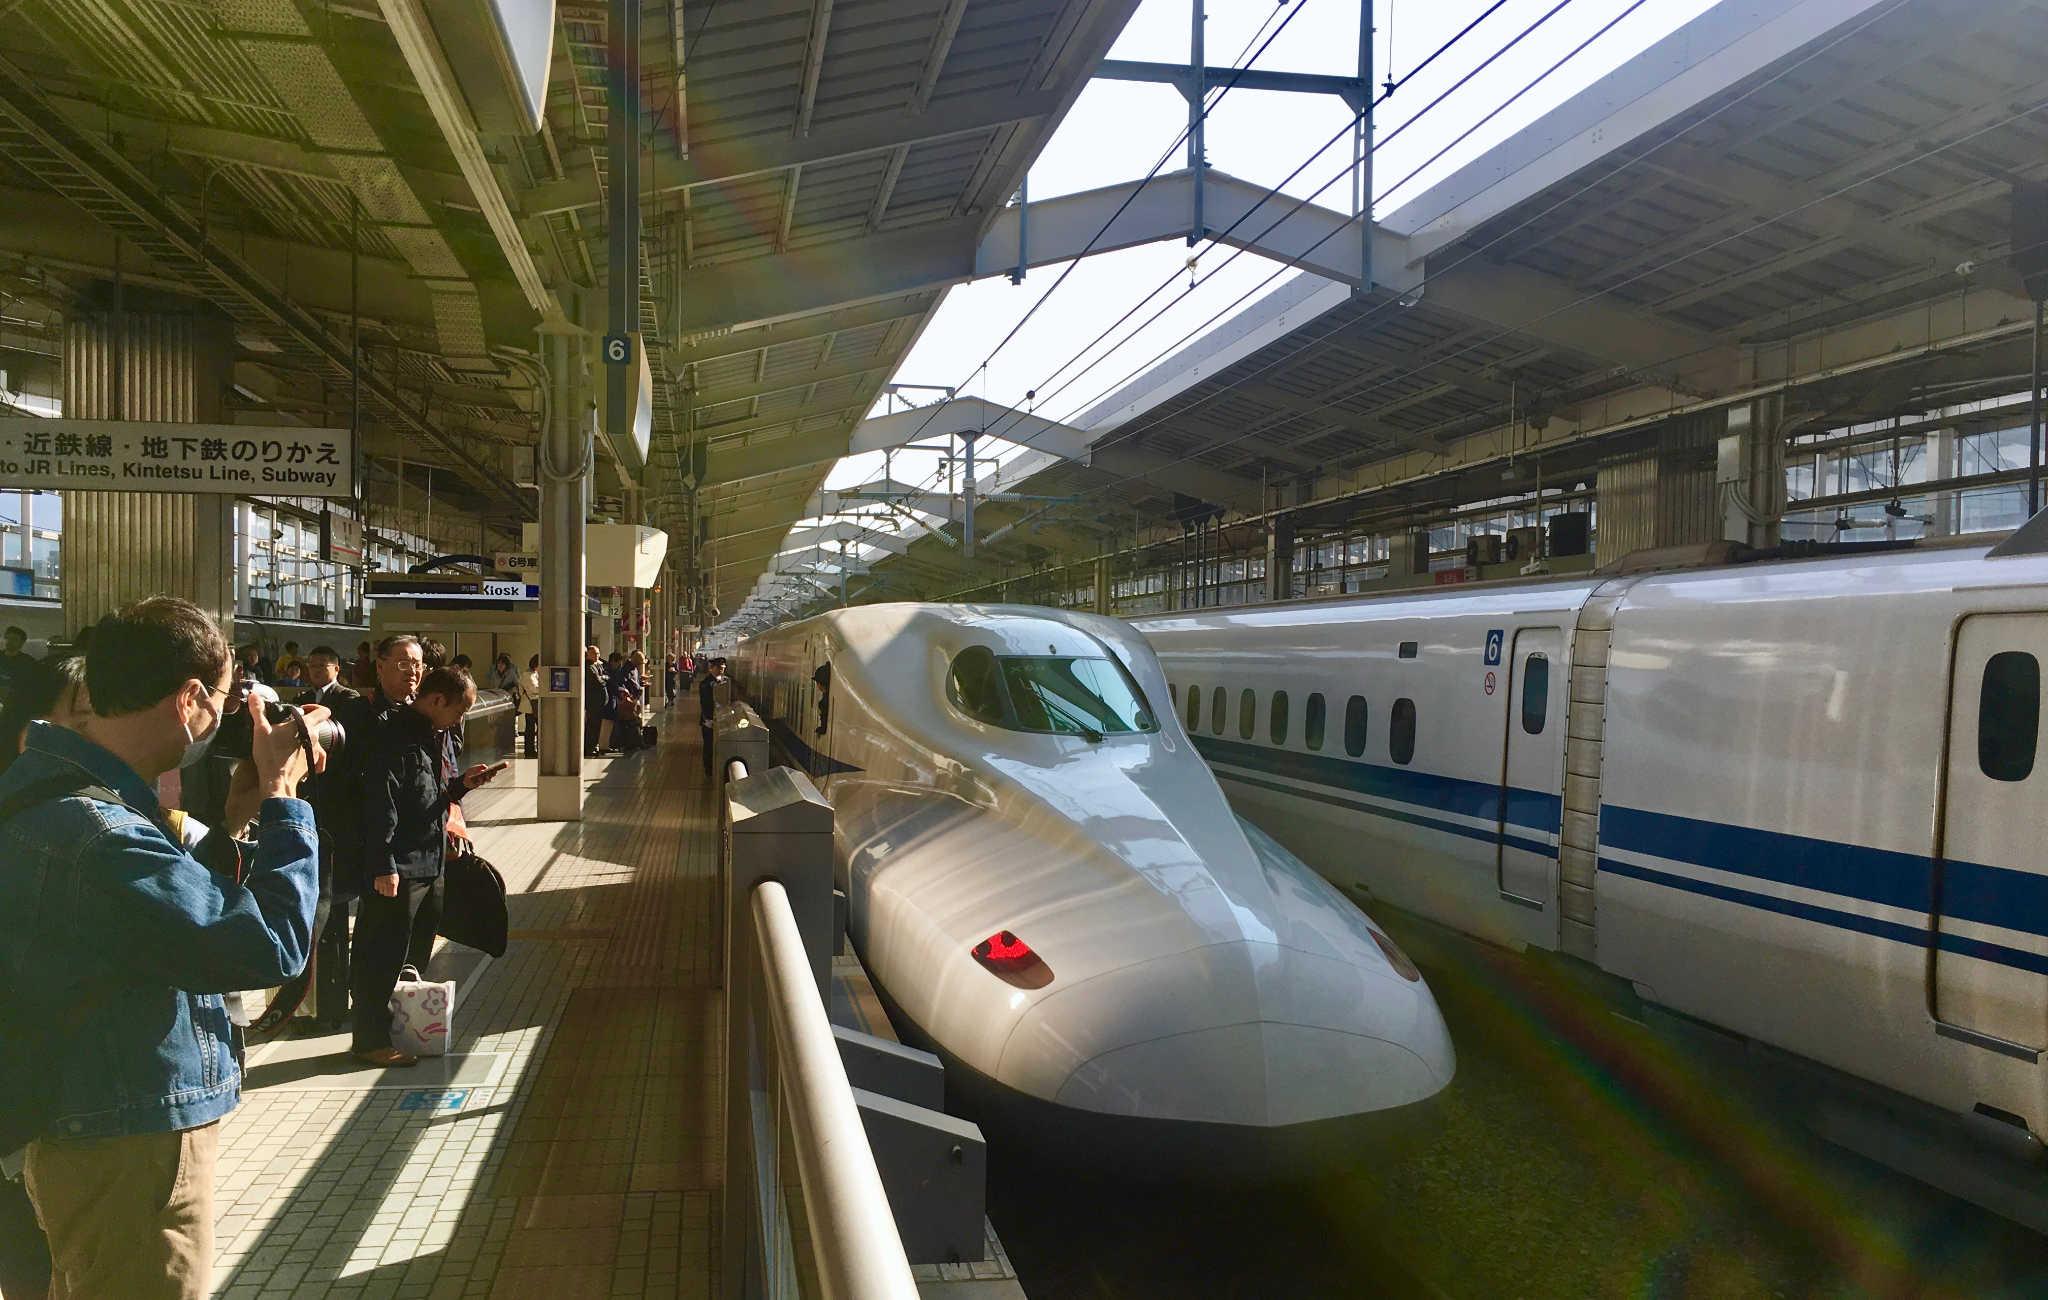 Le Shinkansen avec son profil très allongé à quai dans la gare de Kyoto